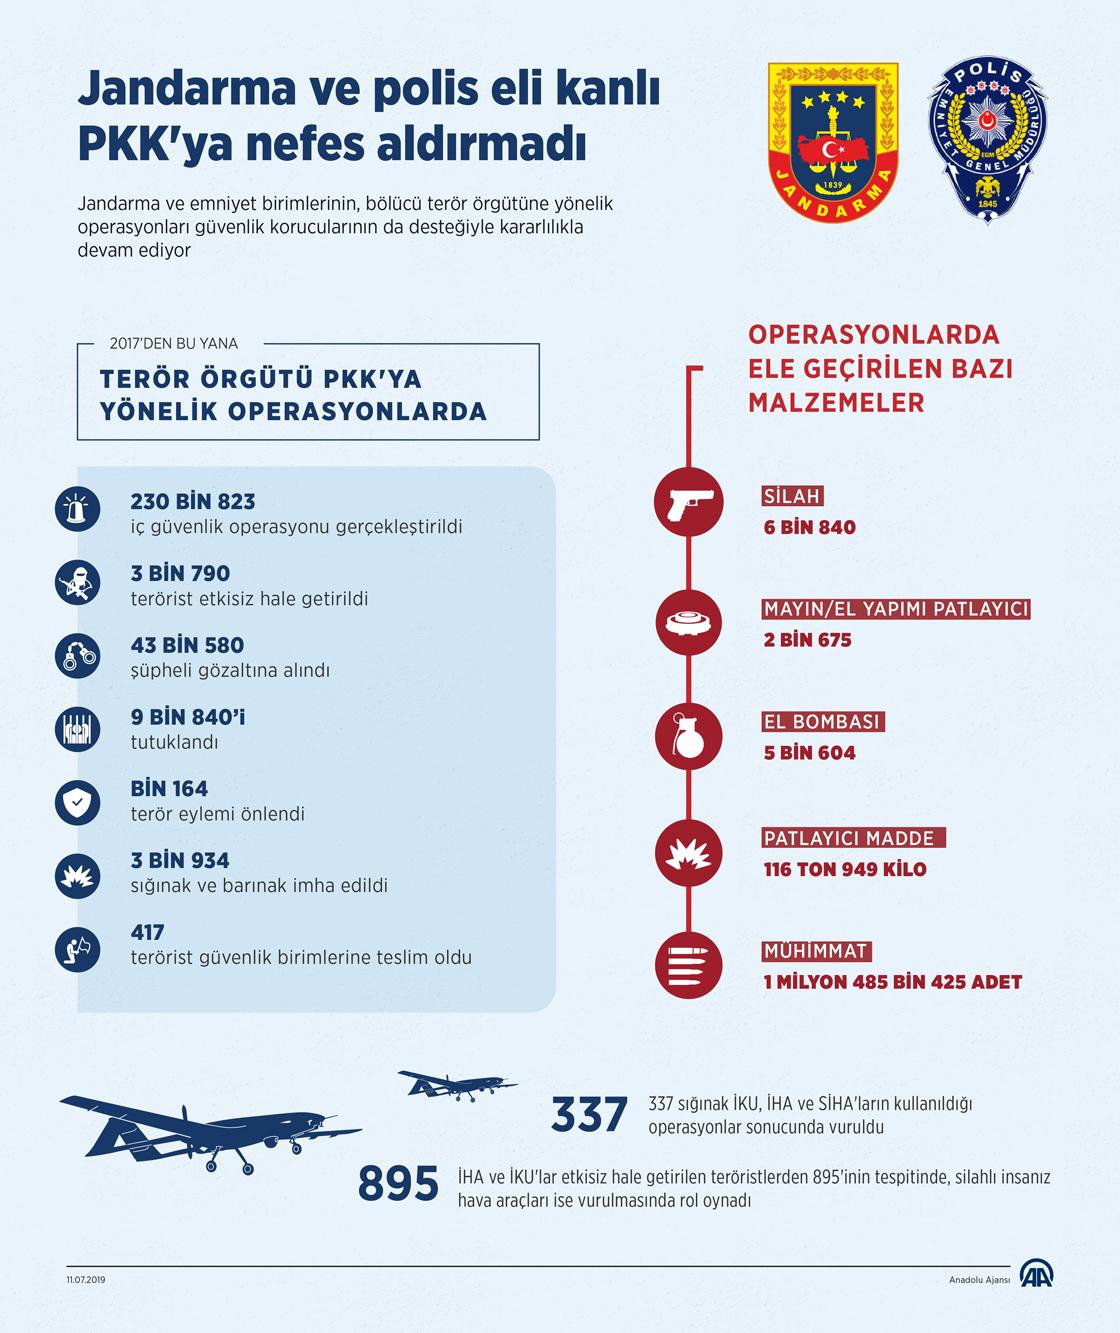 Jandarma ve polis eli kanlı PKK'ya nefes aldırmadı